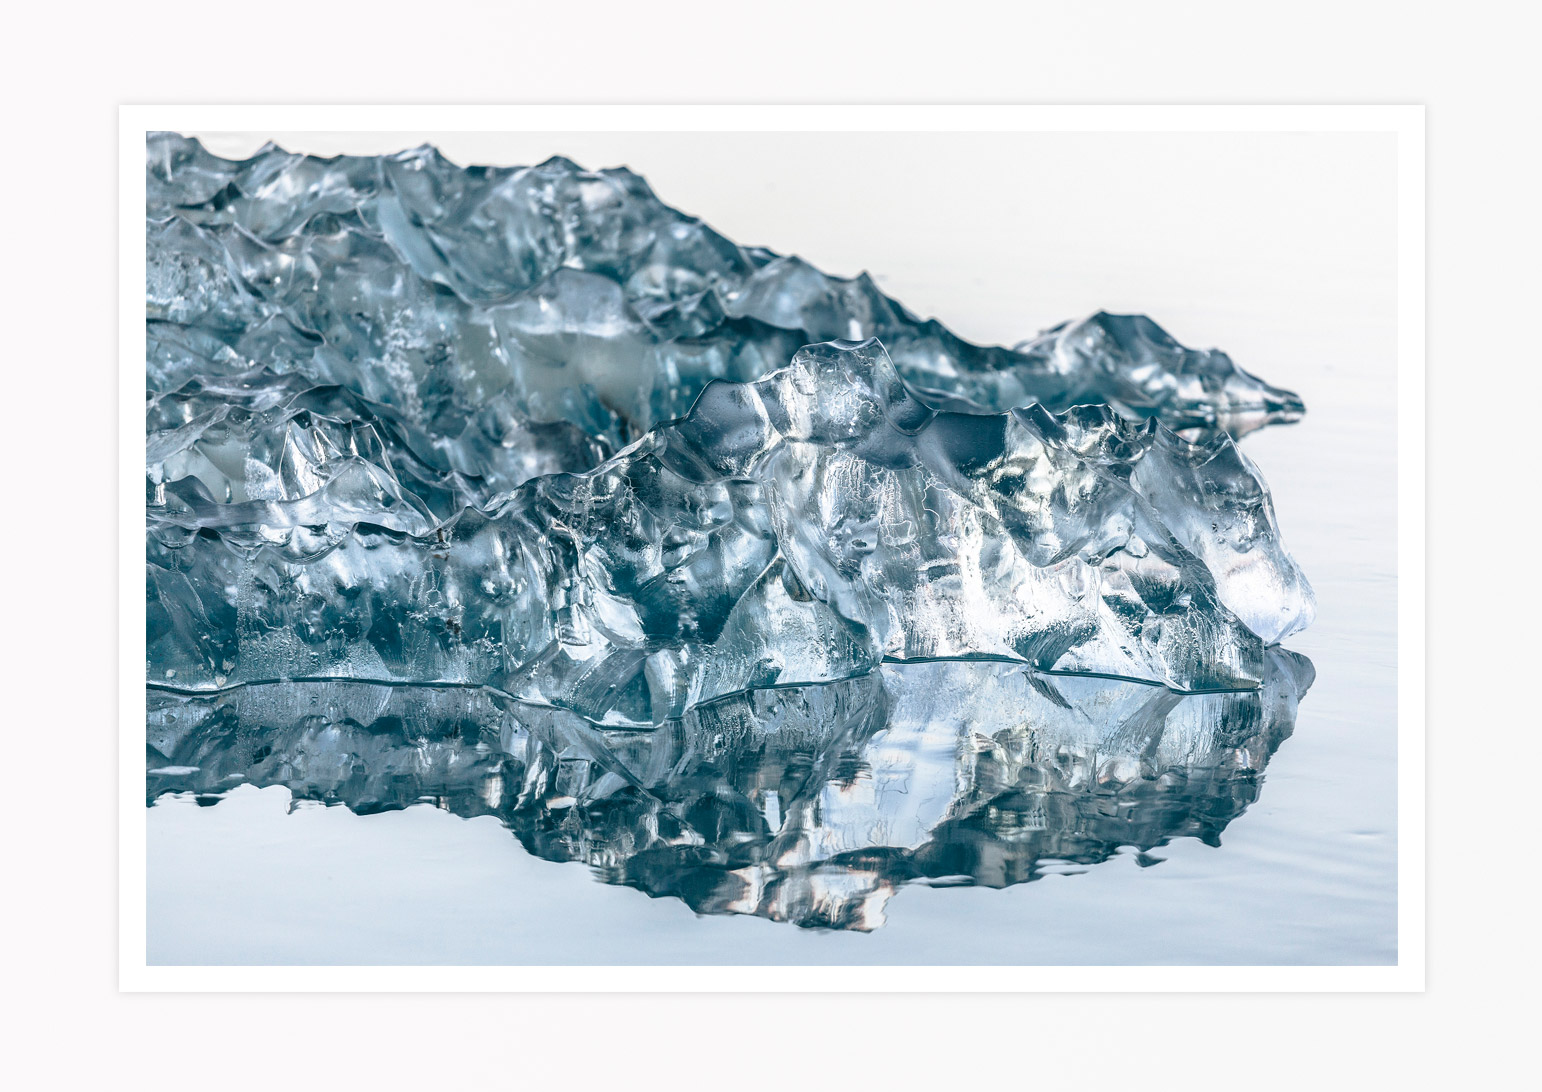 ICELAND-JOKULSARLON-ICE